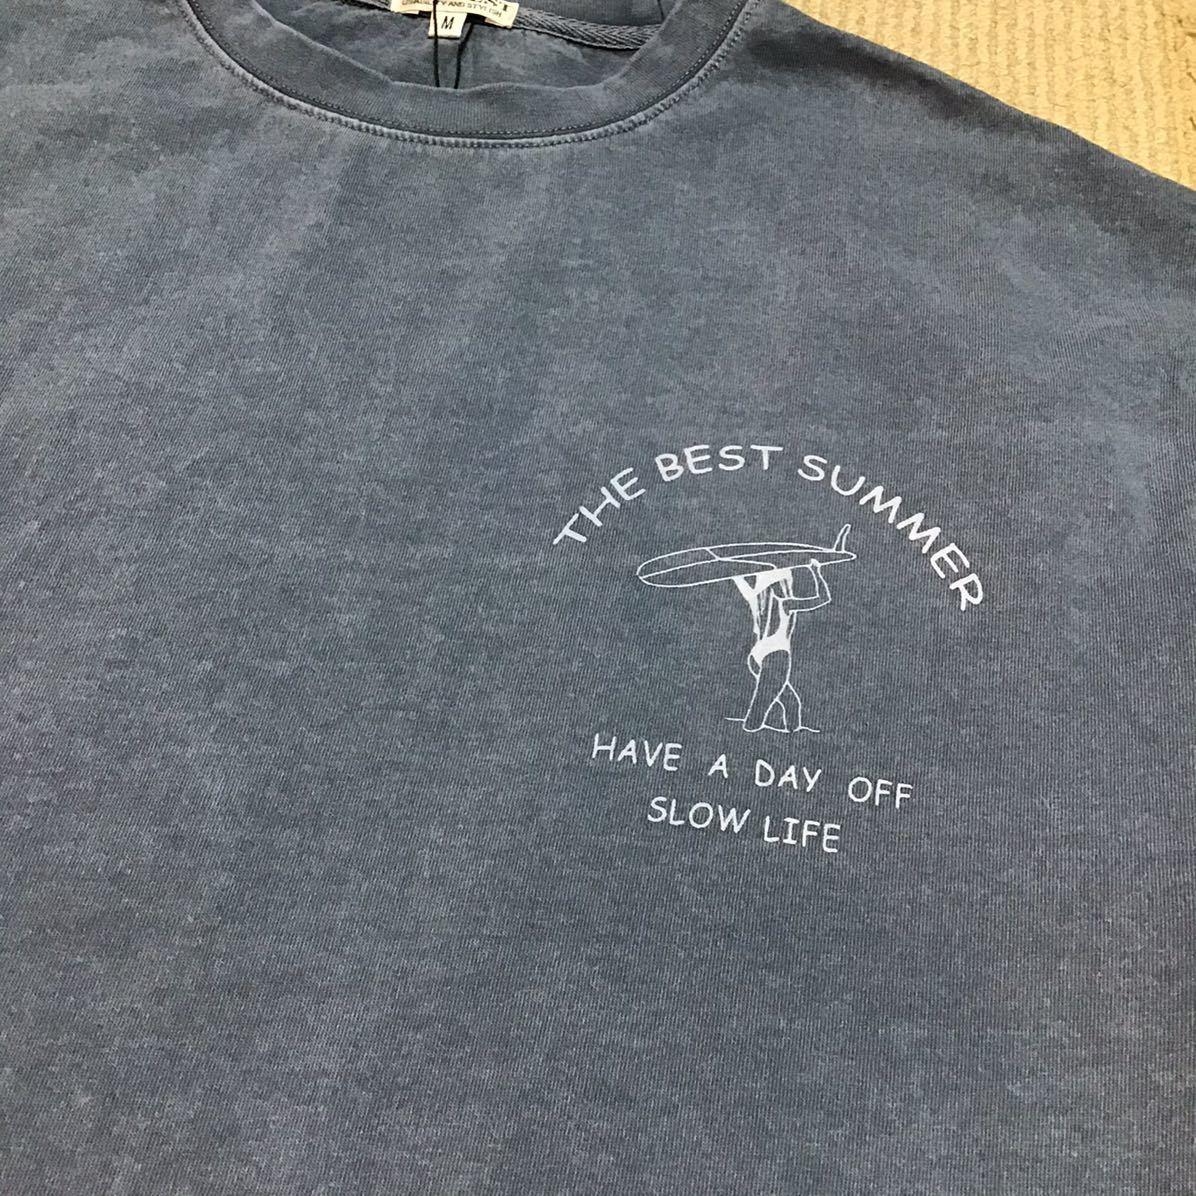 Tシャツ メンズ 新品未使用 バックプリント サーフィン 半袖 Tシャツ 送料無料 Mサイズ ブルー激安セール